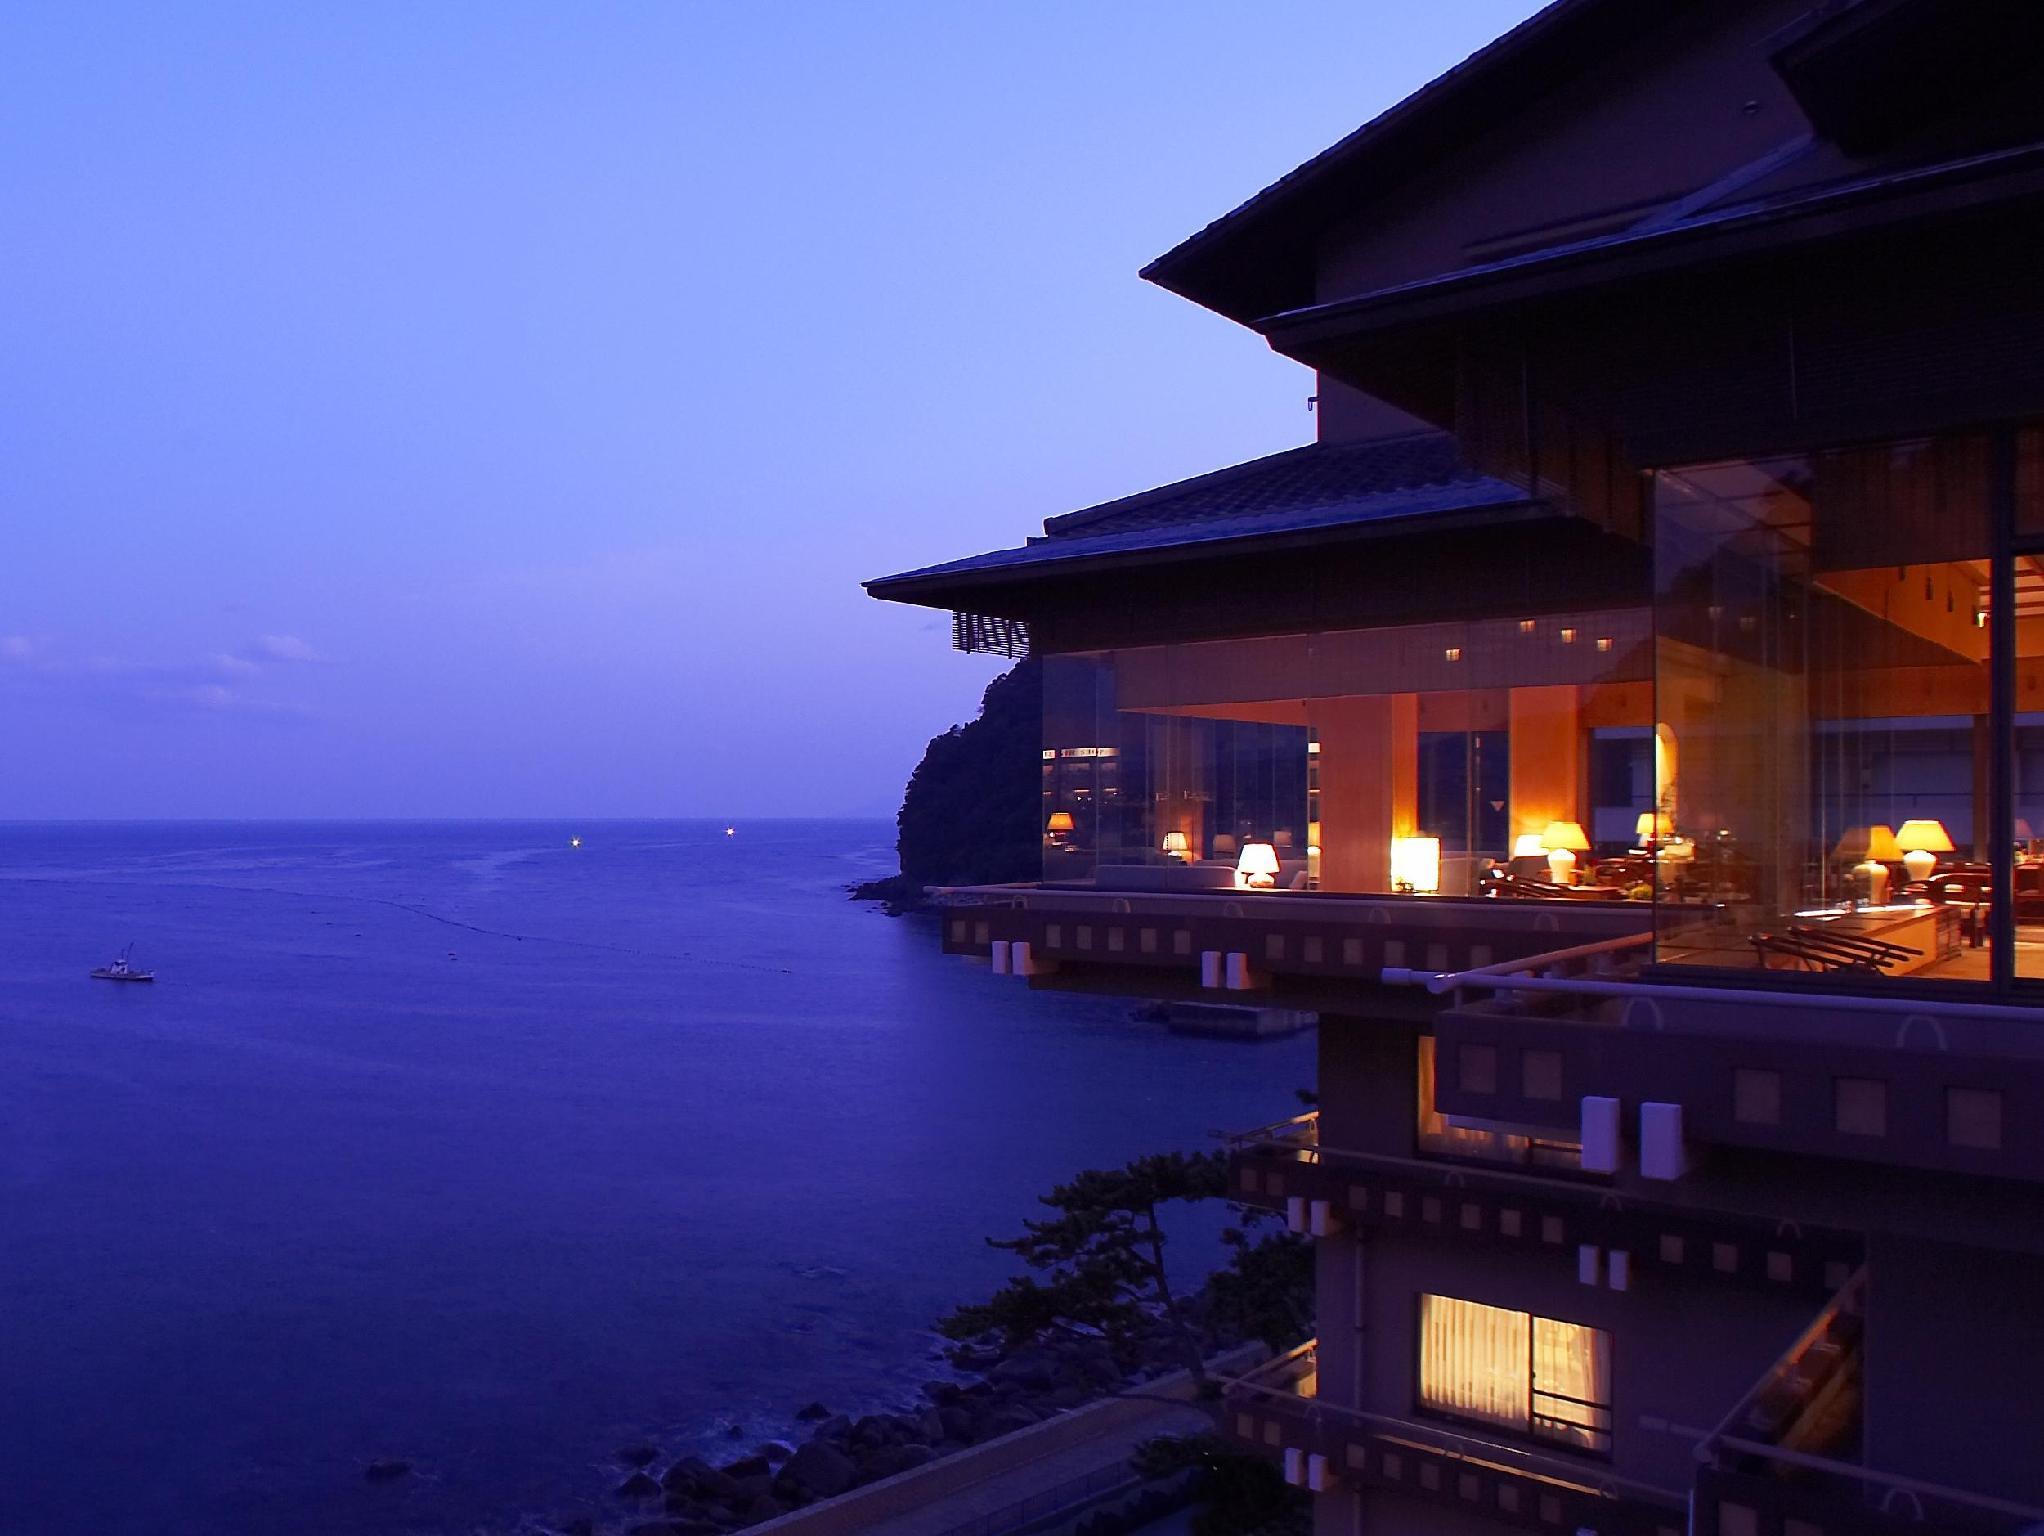 小酒店非住不可望水日式旅館(Ryokan Bousui)